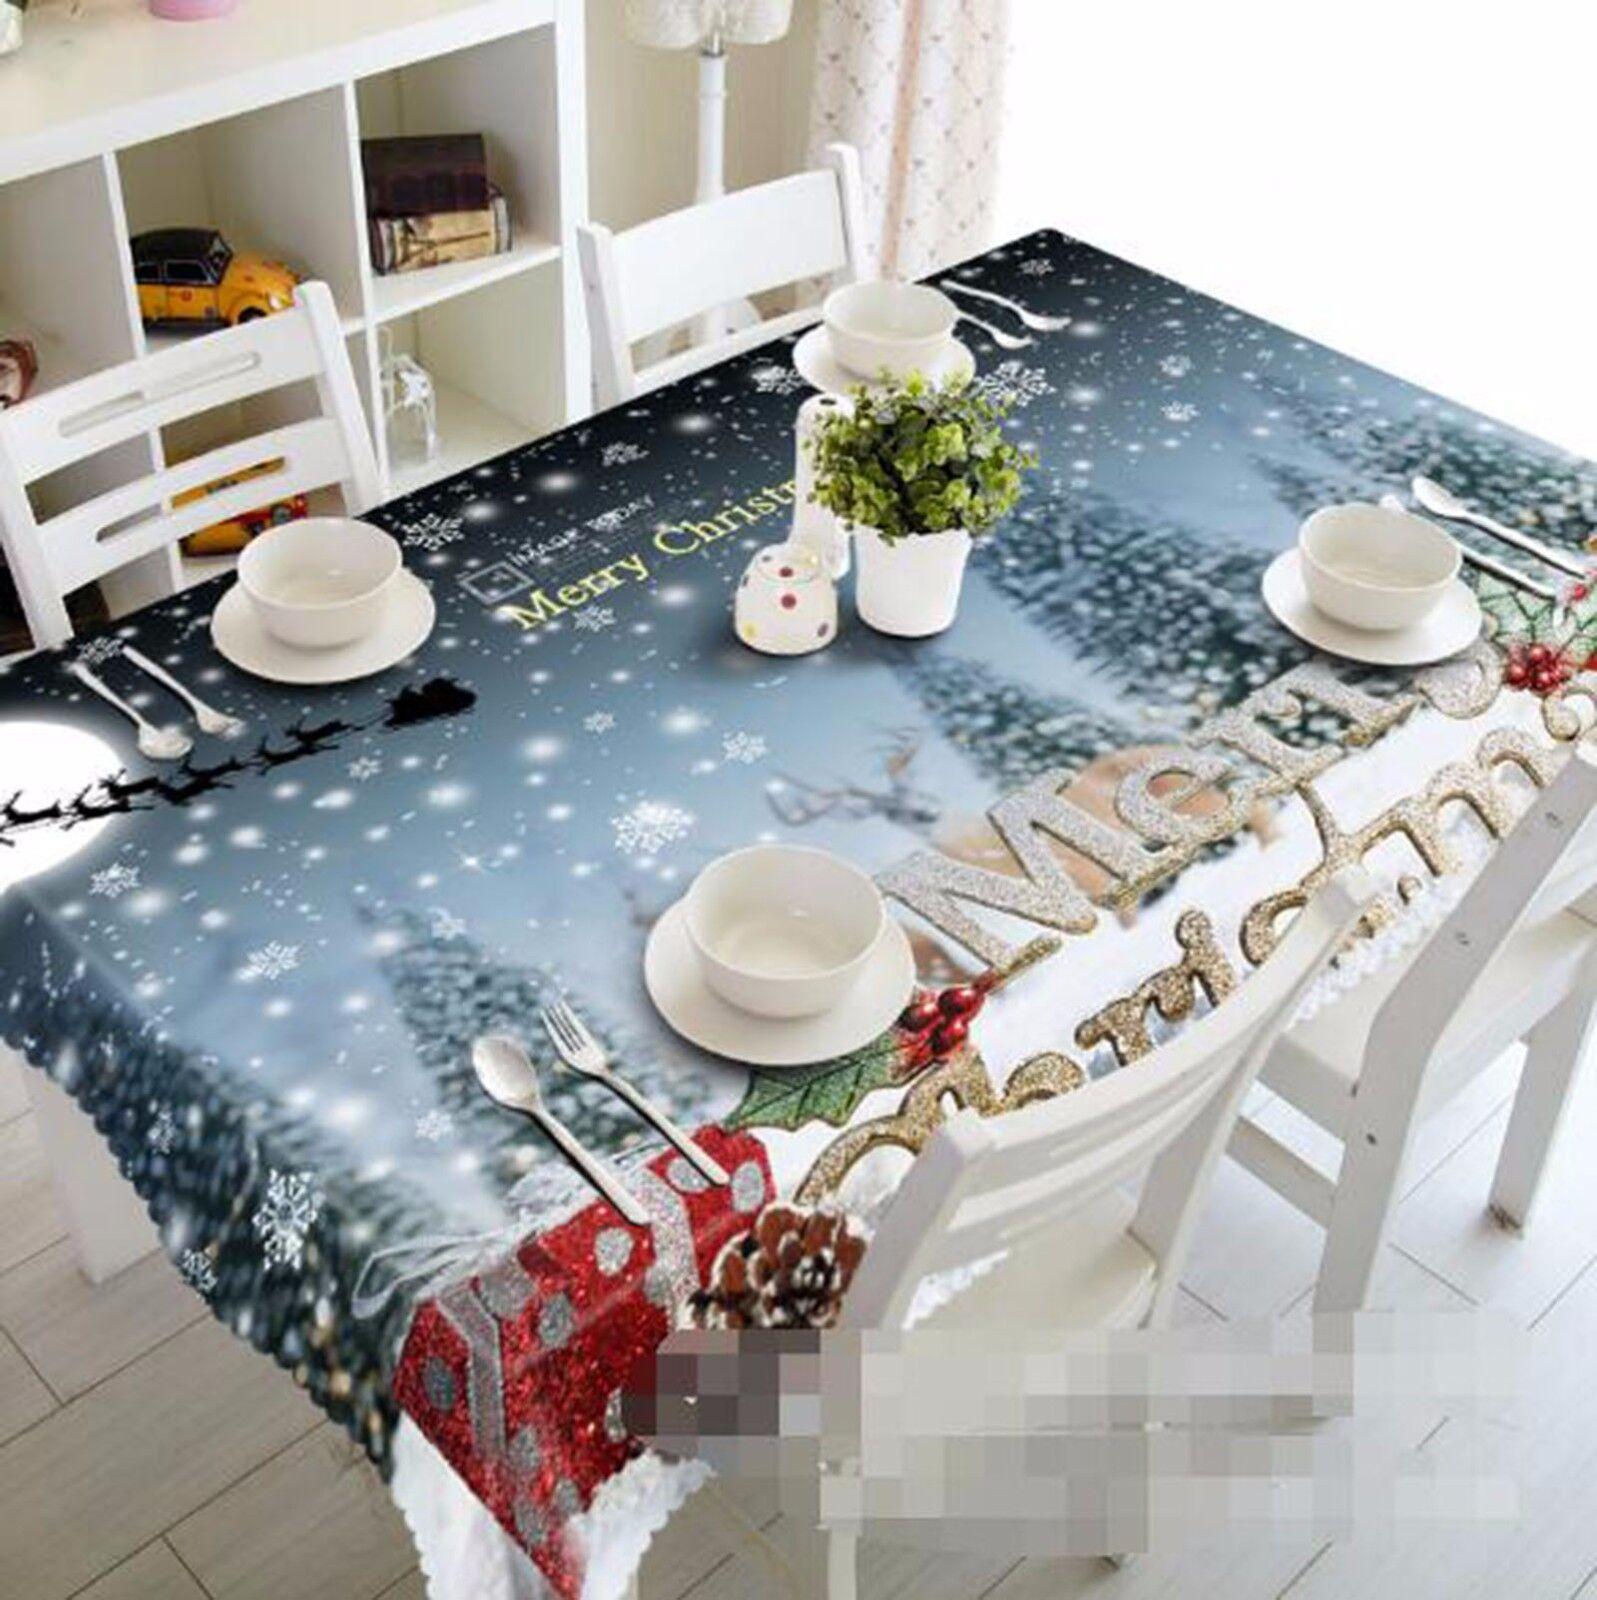 3D Neige 44 Nappe Table Cover Cloth fête d'anniversaire AJ papier peint Royaume-Uni Citron